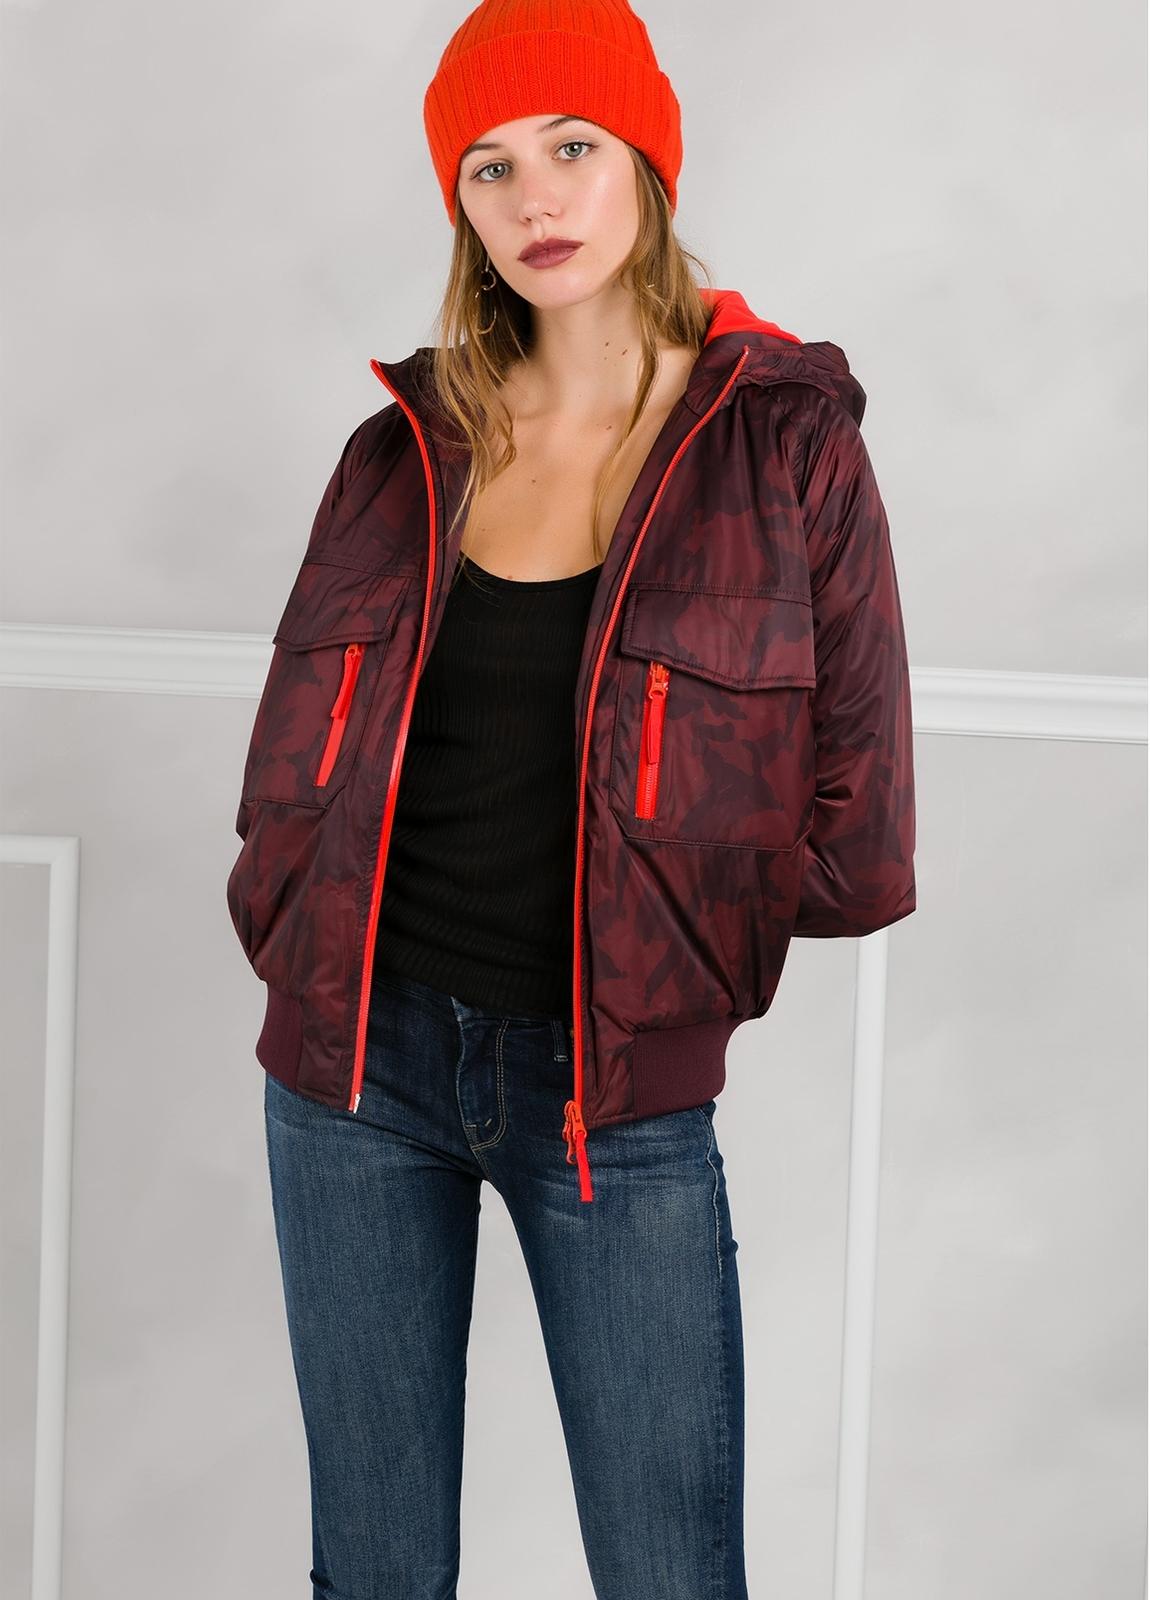 Cazadora woman impermeable con cremalleras y bolsillos, color vino.